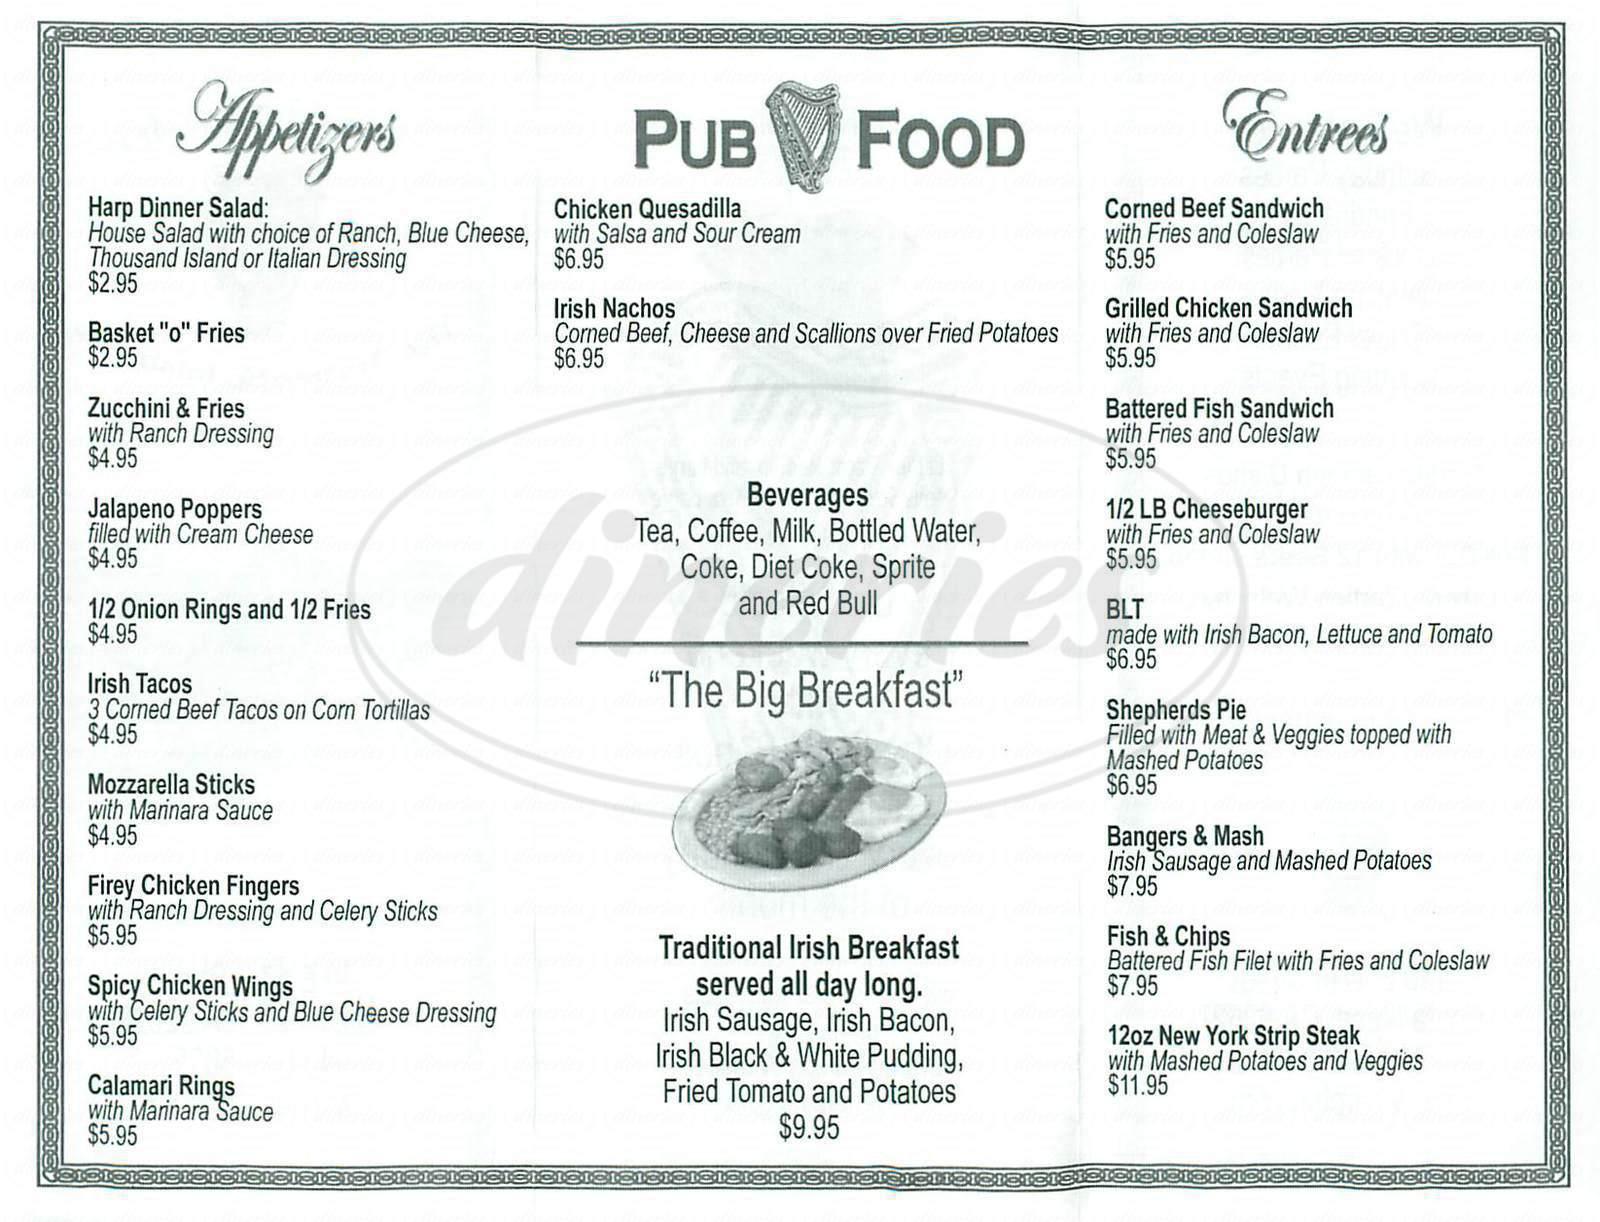 menu for The Harp Inn